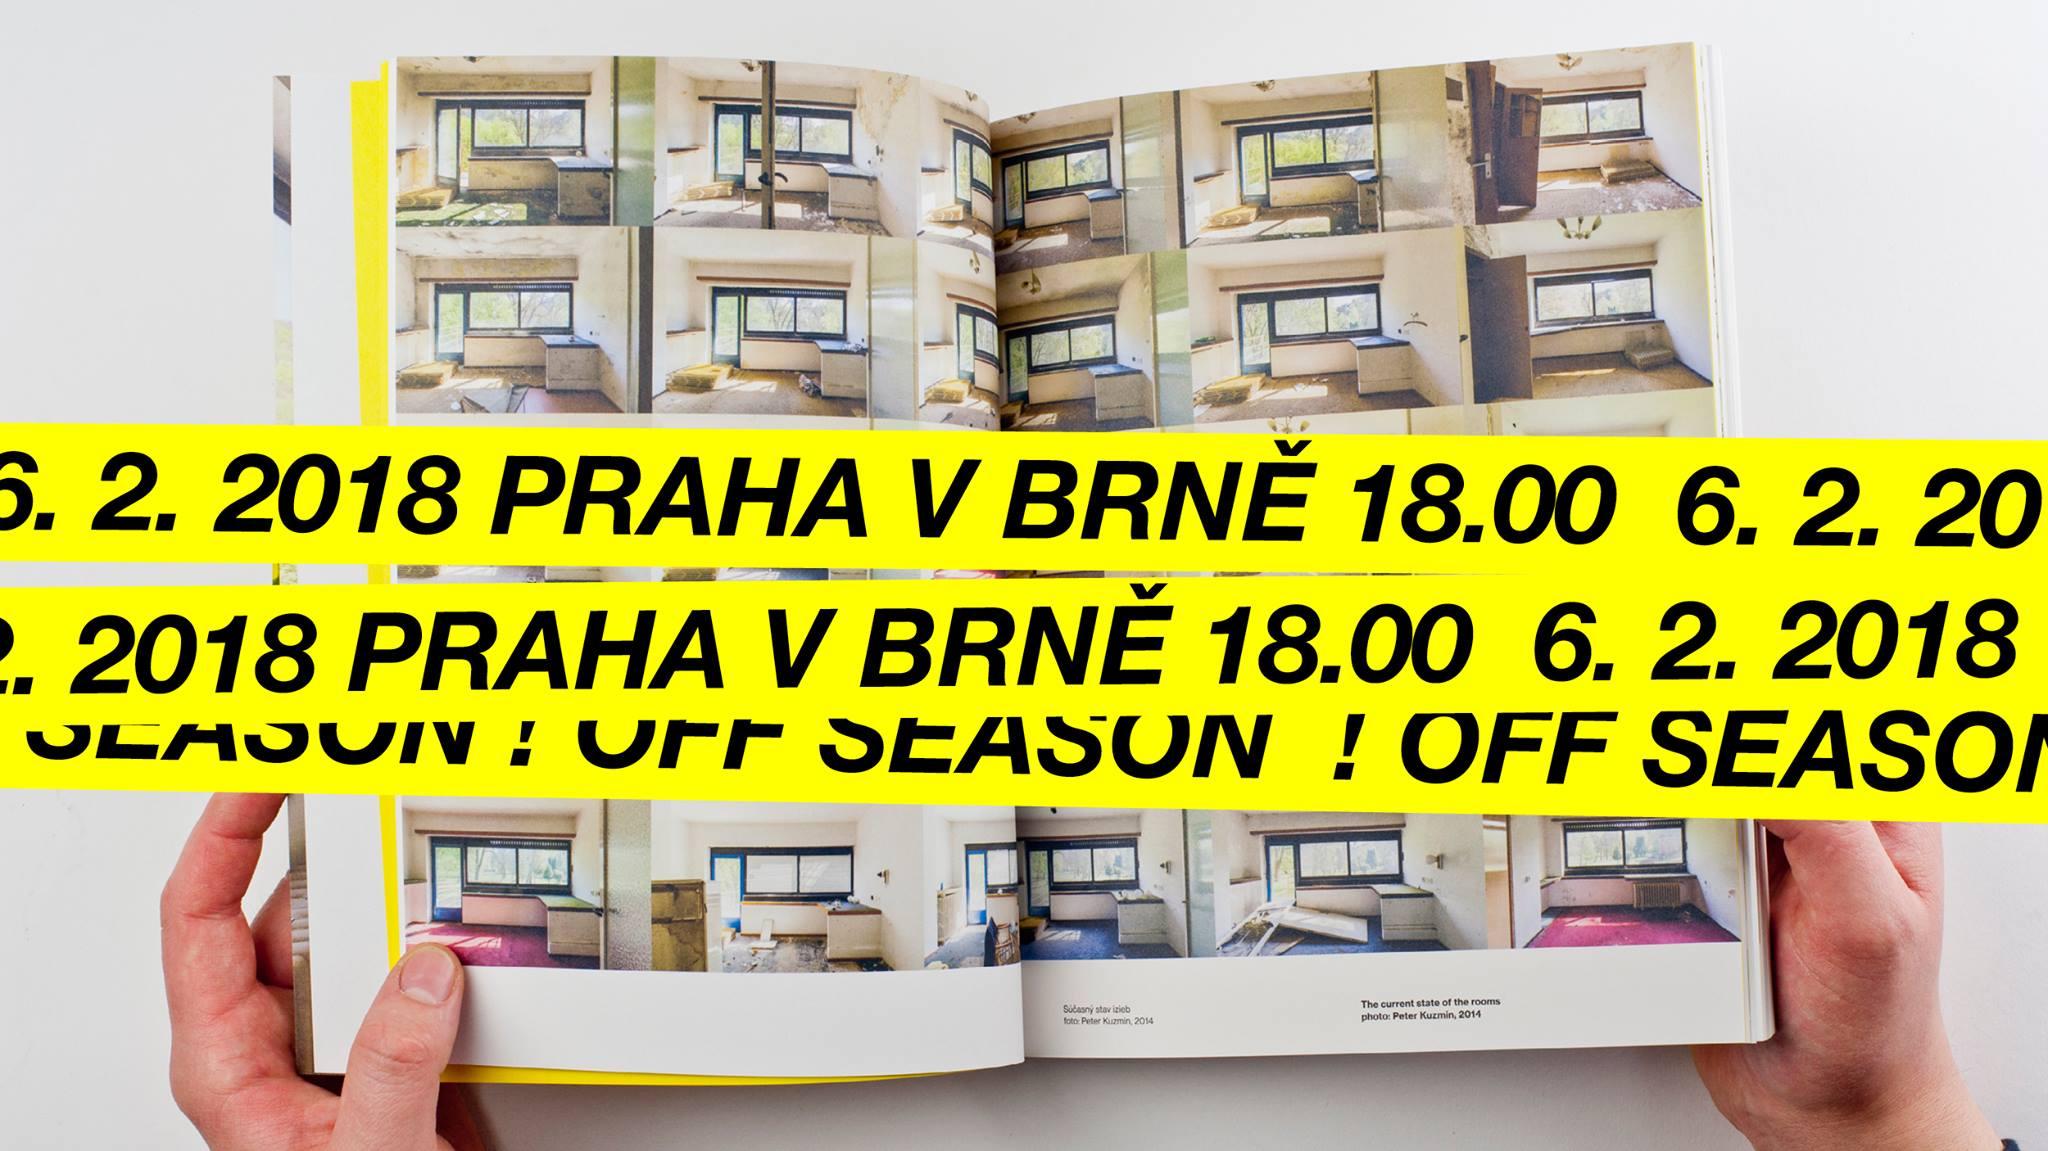 ÚT / 6.2. / 18.00 / Off Season – uvedení knihy o léčebném domě Machnáč / křest knihy